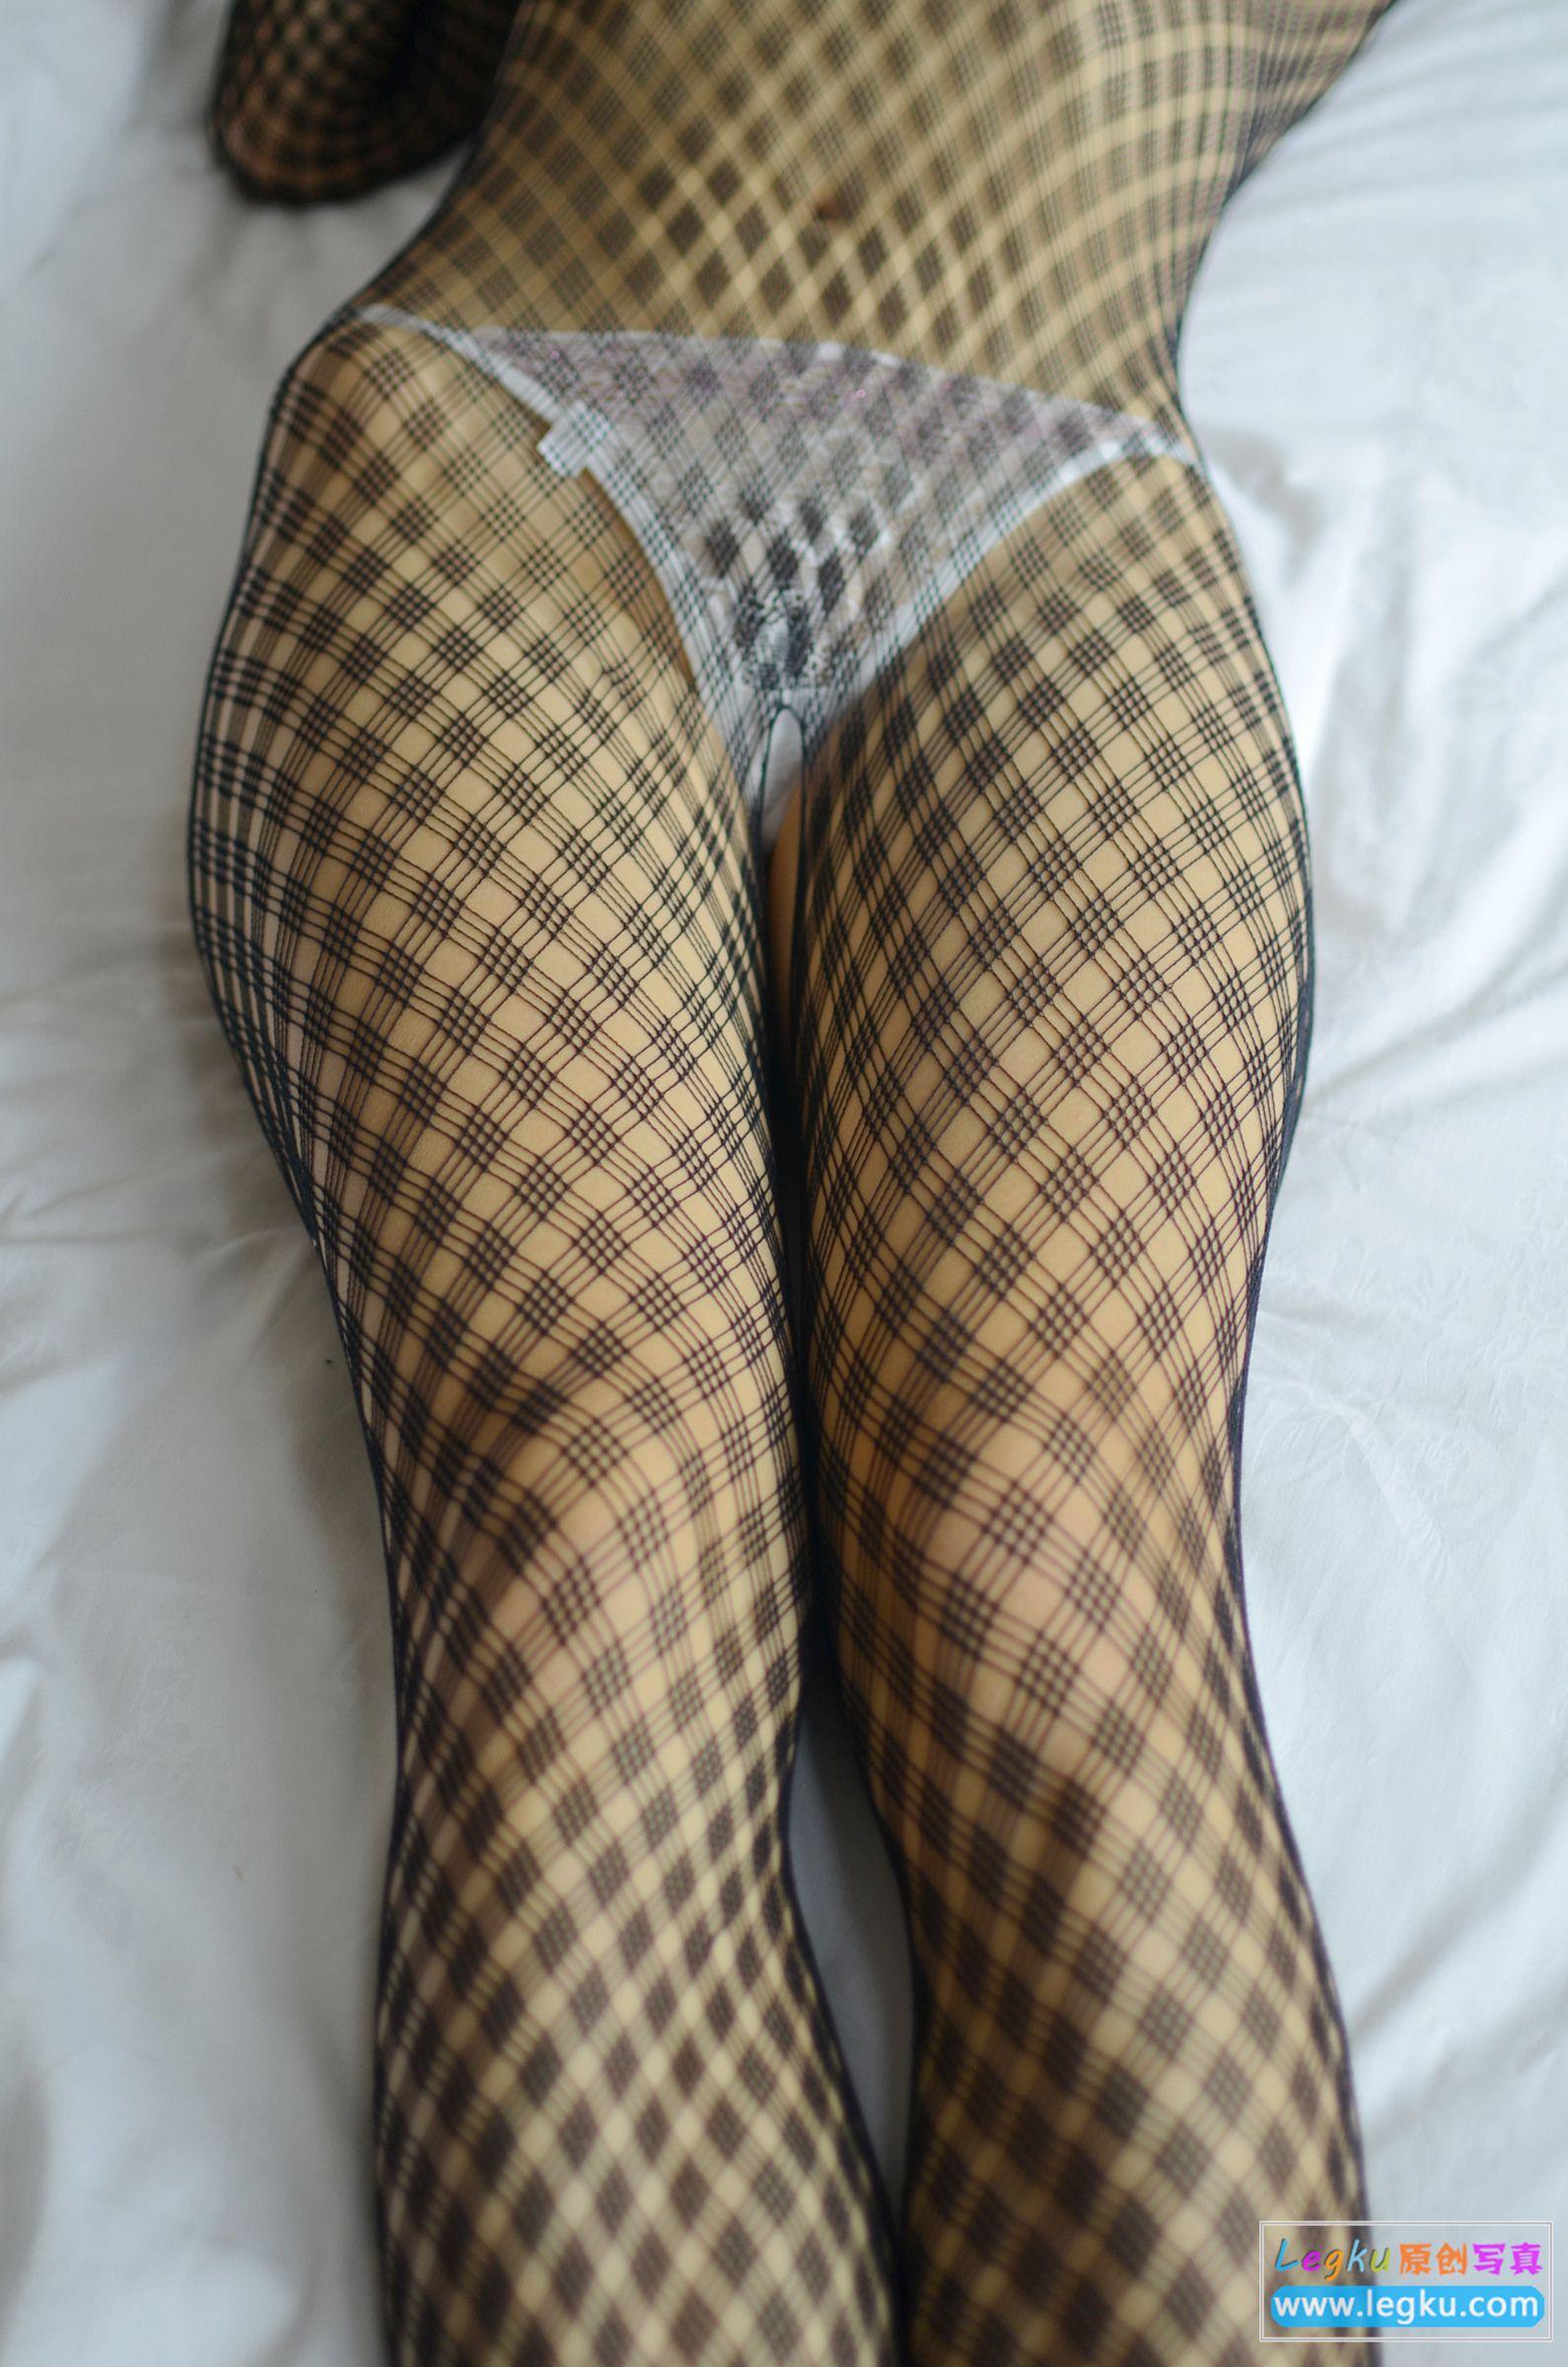 网袜高跟 写真套图